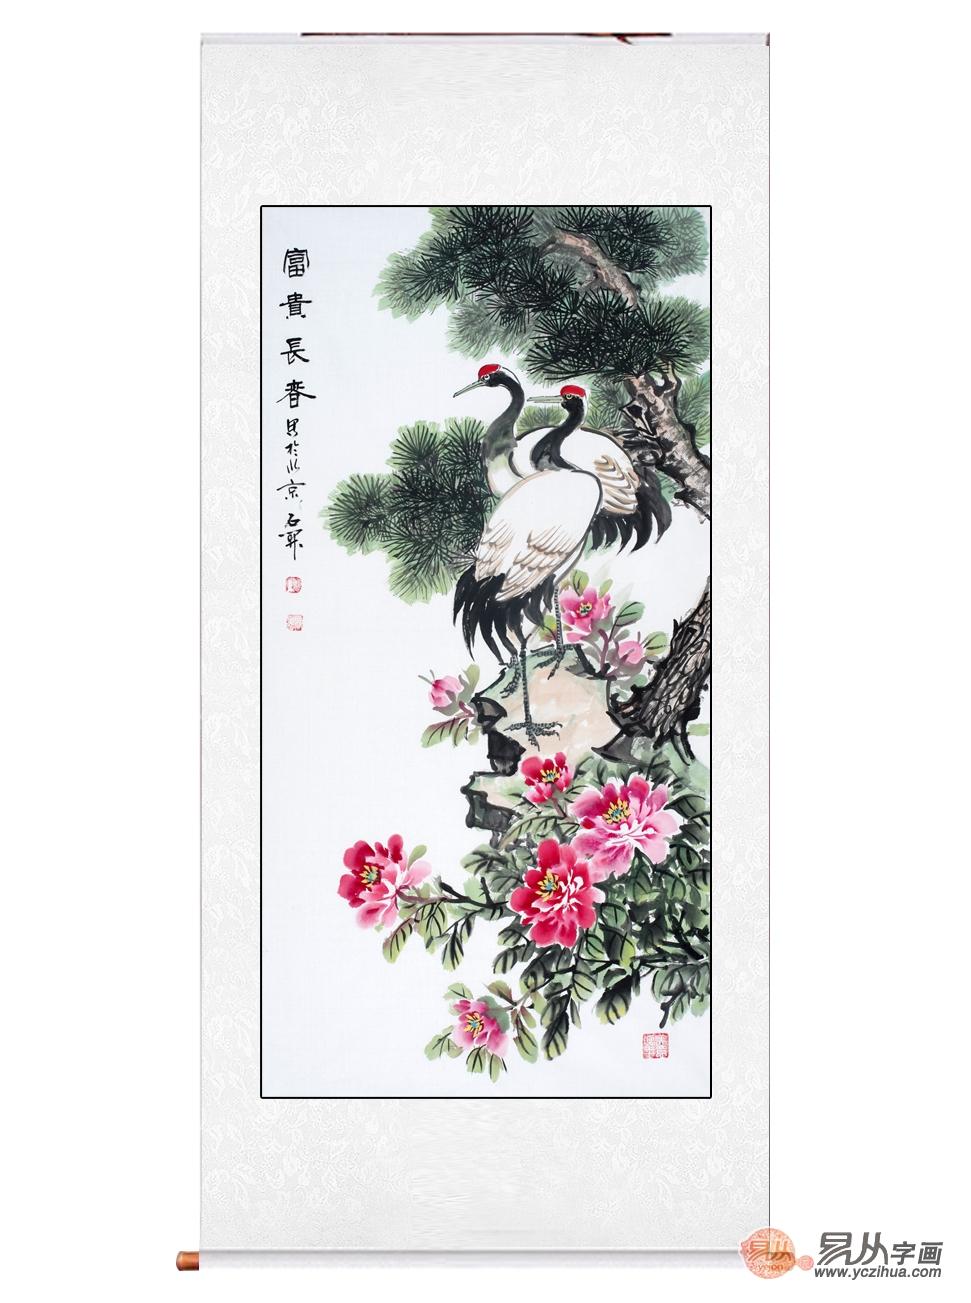 松鹤牡丹图 石开最新四尺竖幅作品《富贵长春》花开富贵 松鹤延年